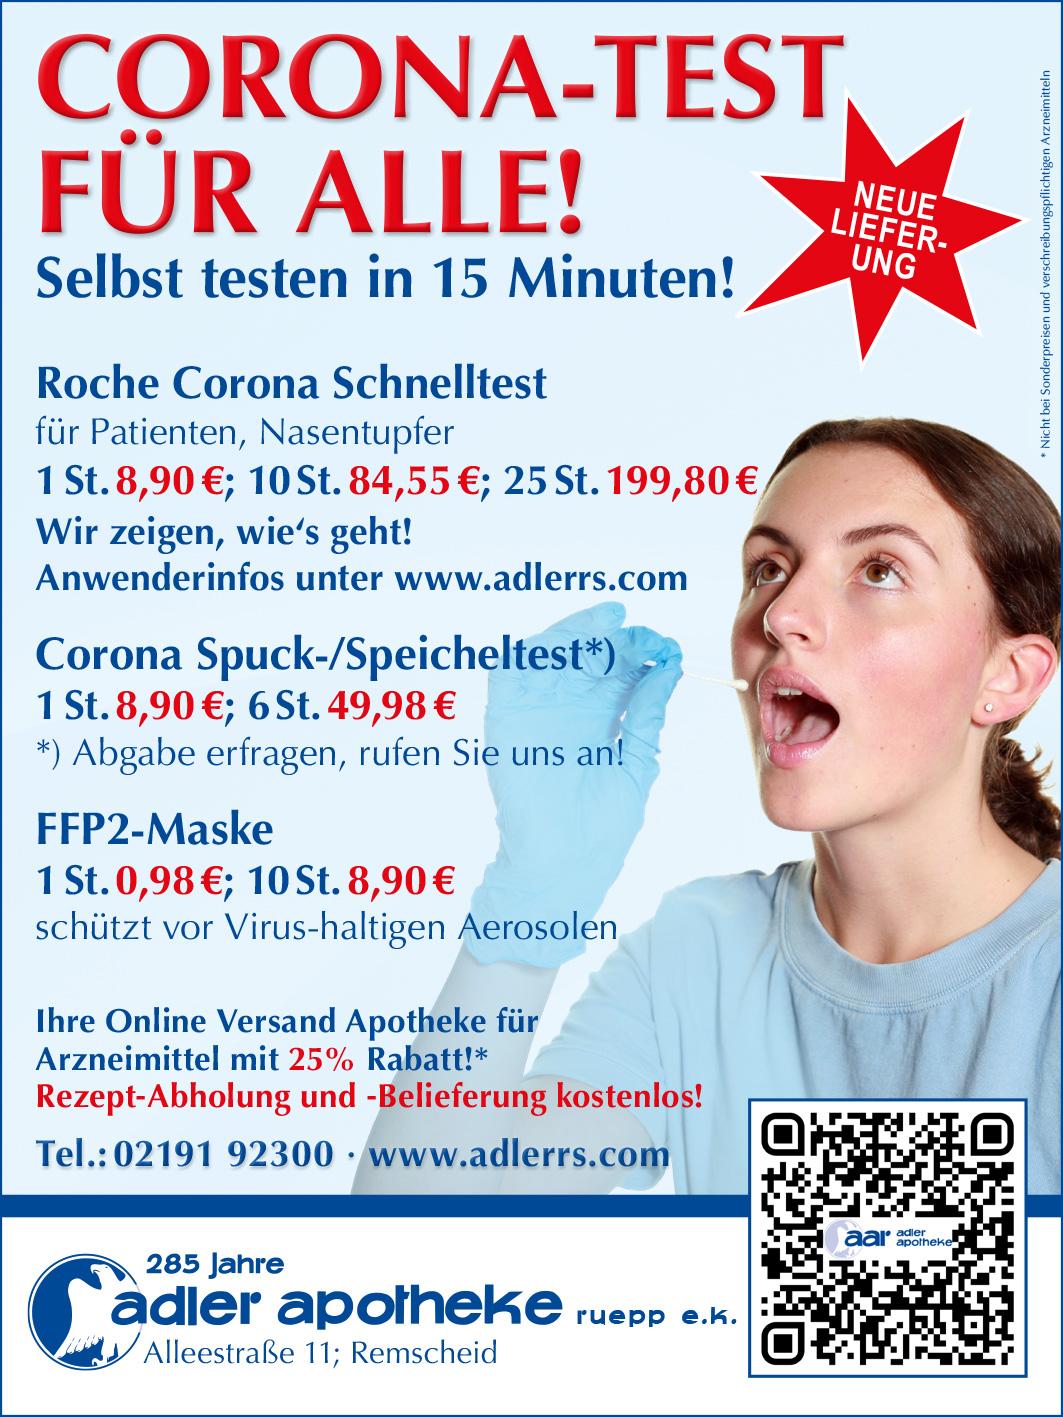 Corona Test für Alle! Selbst testen, Nasenabstrich genügt!